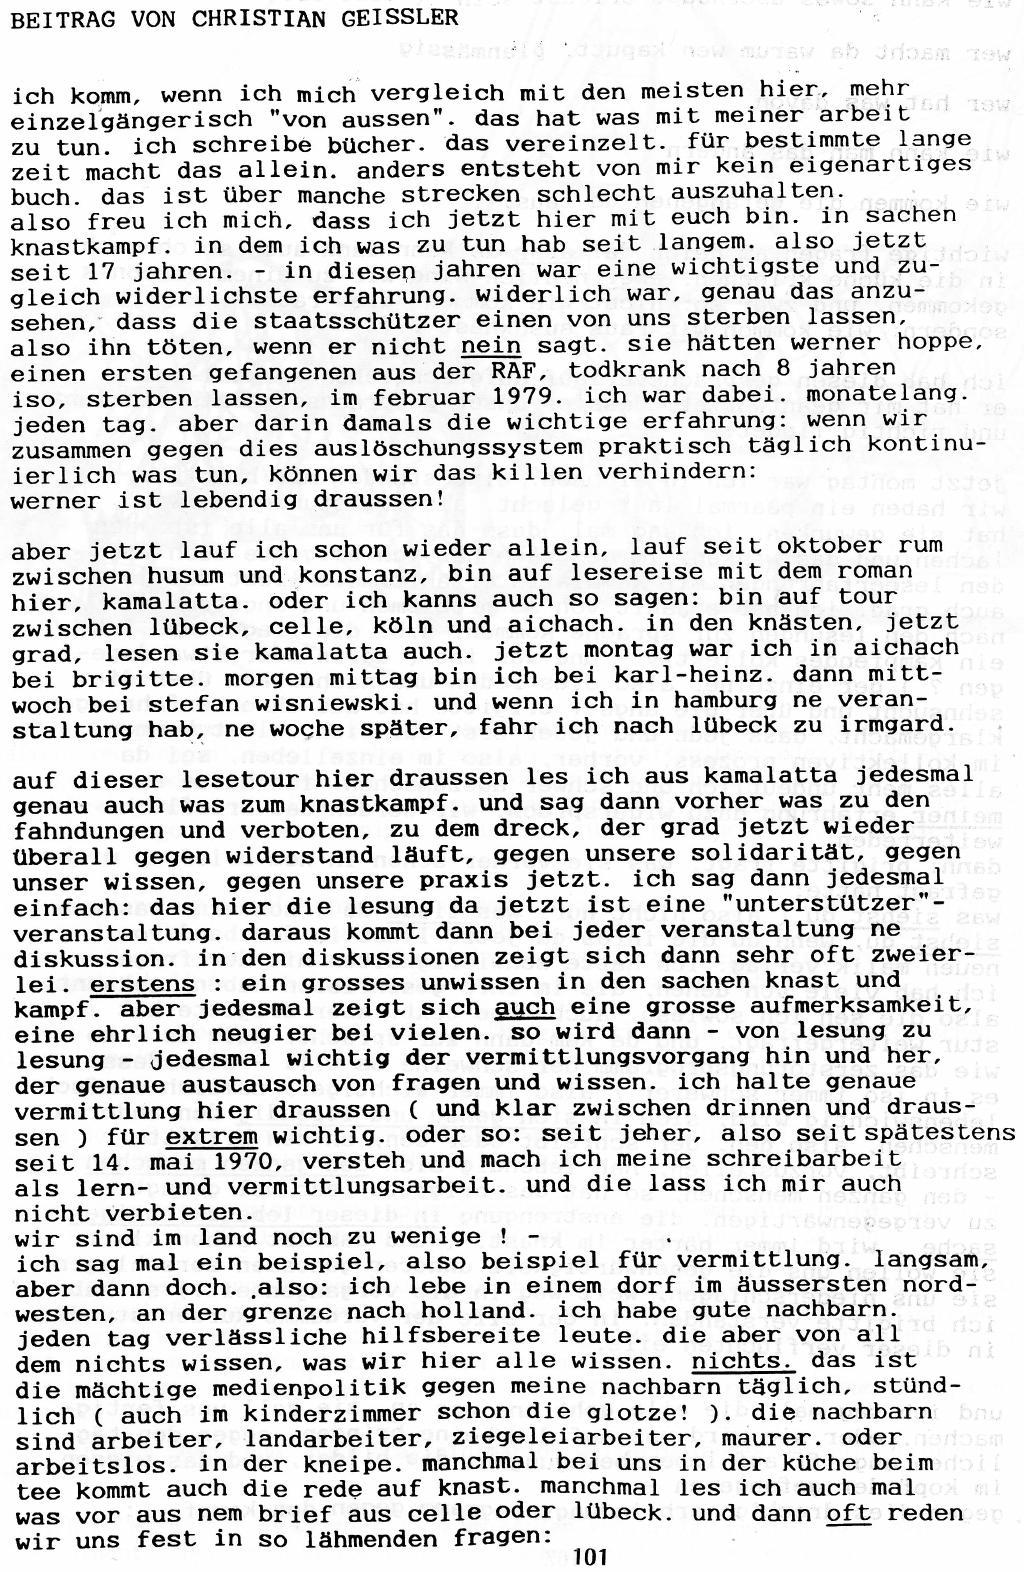 Duesseldorf_1989_Sechs_Politische_Gefangene_101